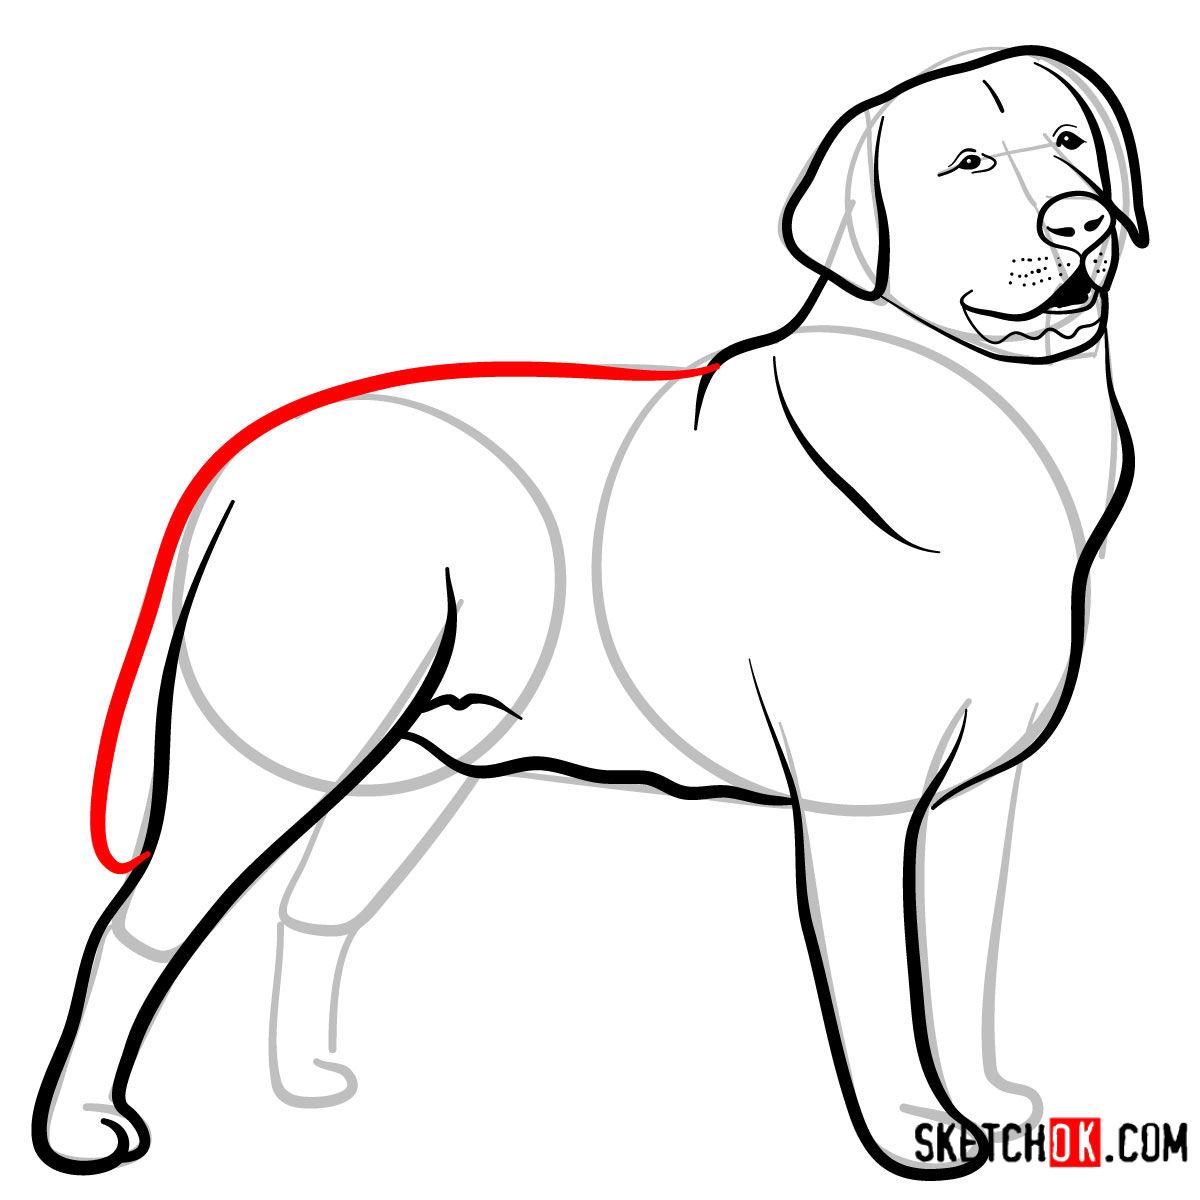 How to draw the Labrador Retriever dog - step 08